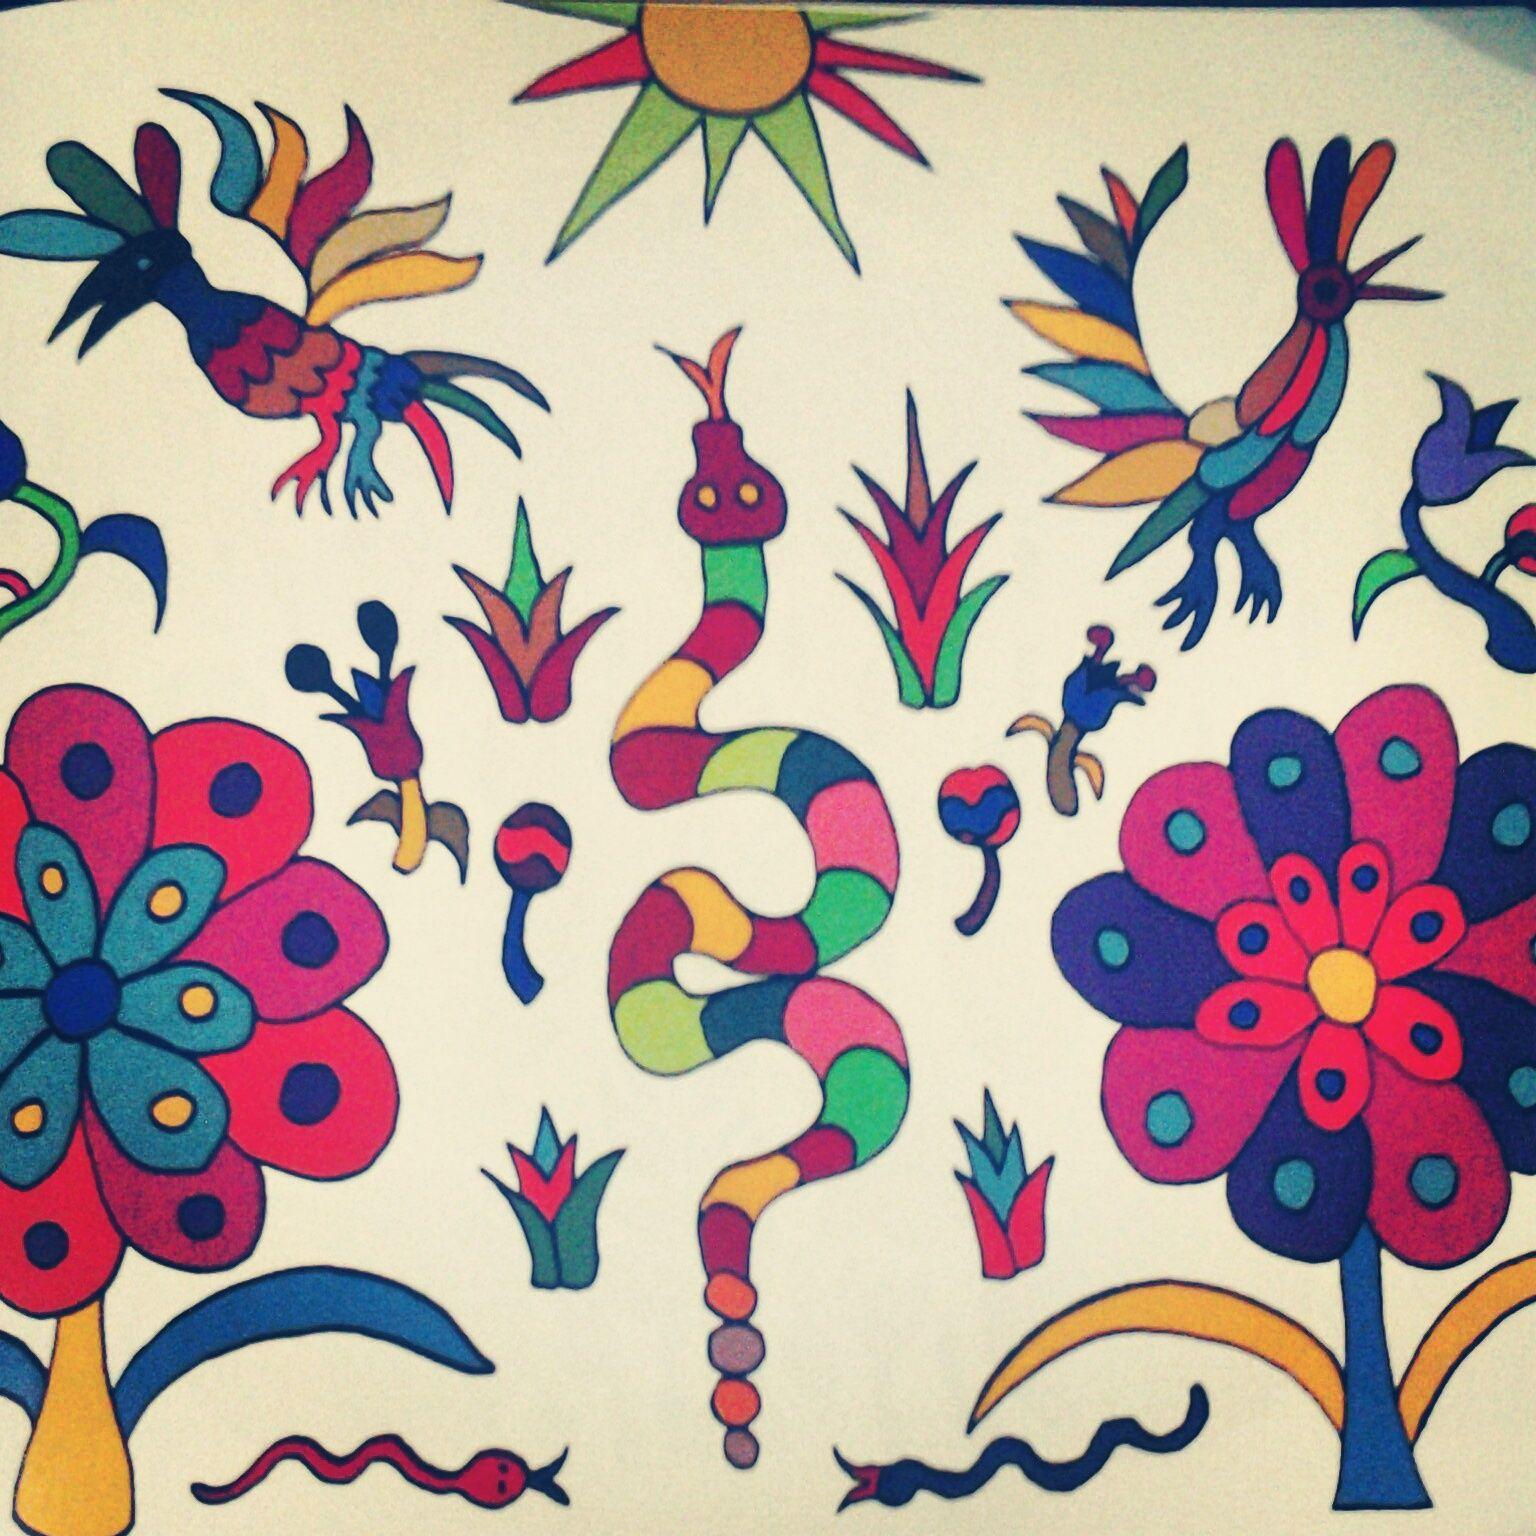 Da hogaehe hñähñu: Adivinanzas Otomi | Patrones, dibujos de bordado ...